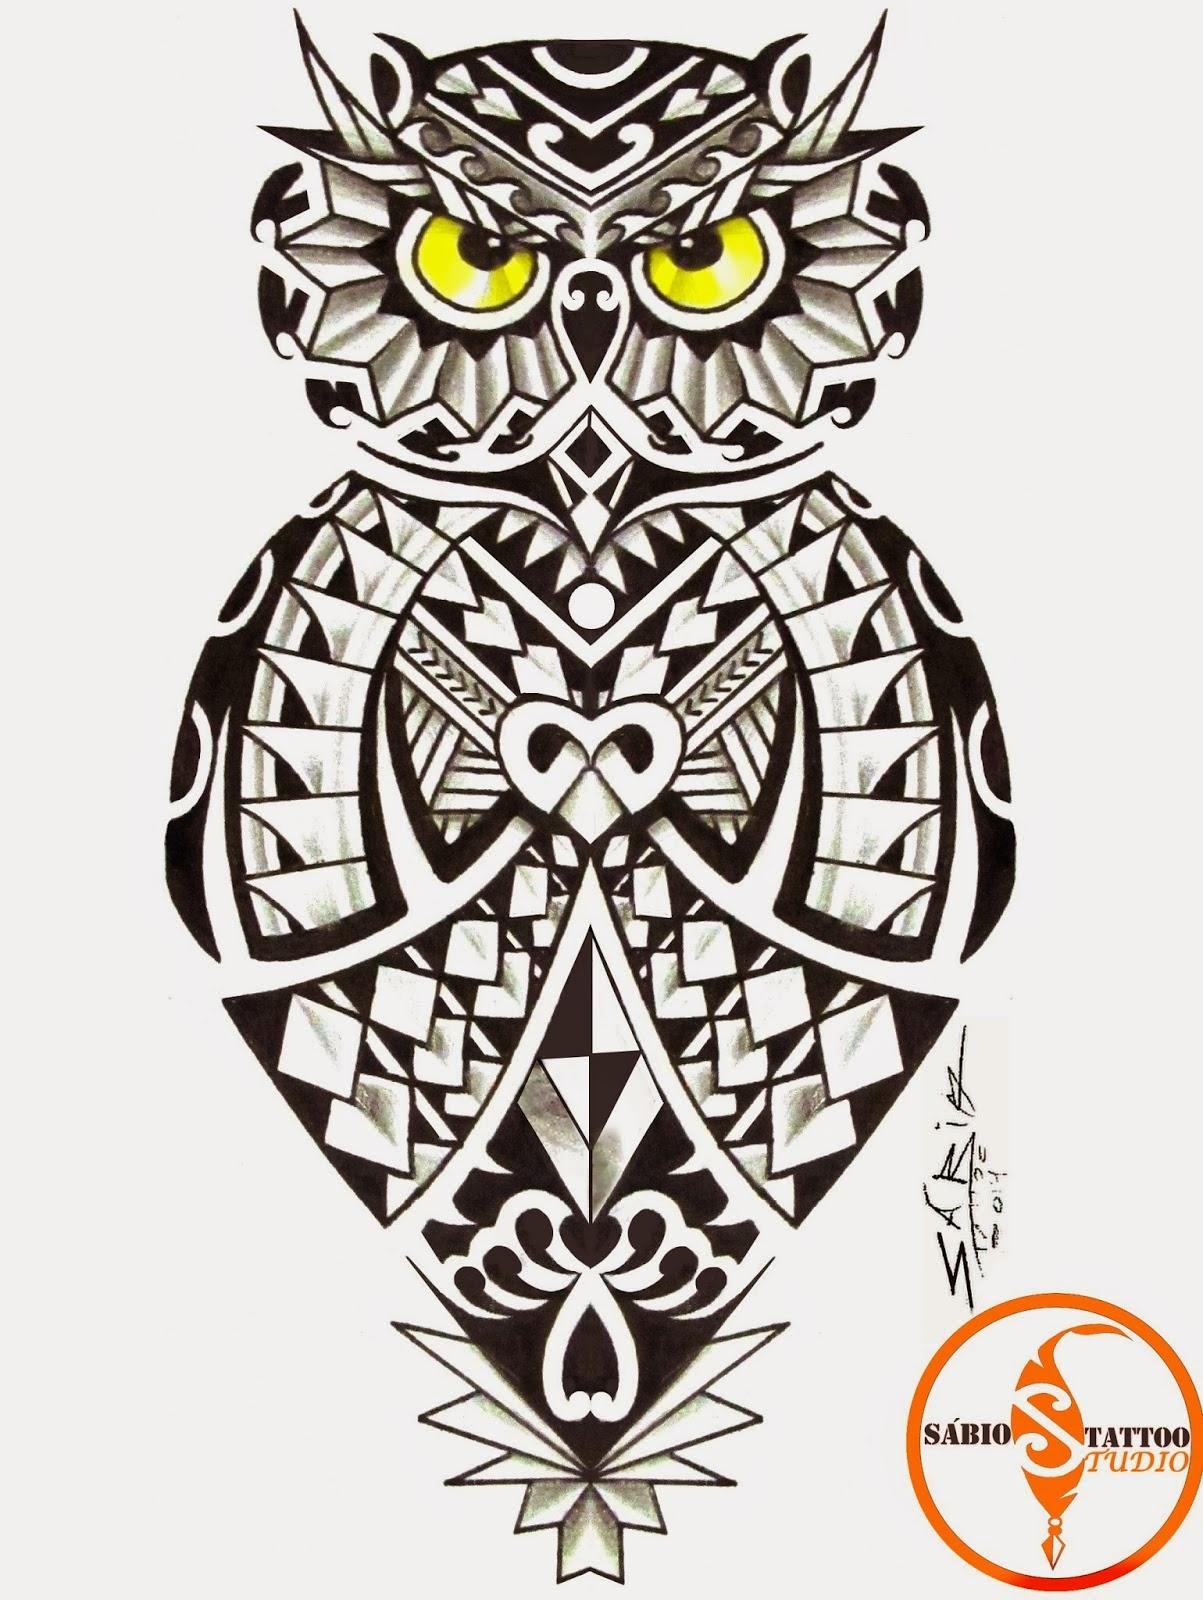 andr kiss tattoo love significados das maoris desenhos variados. Black Bedroom Furniture Sets. Home Design Ideas